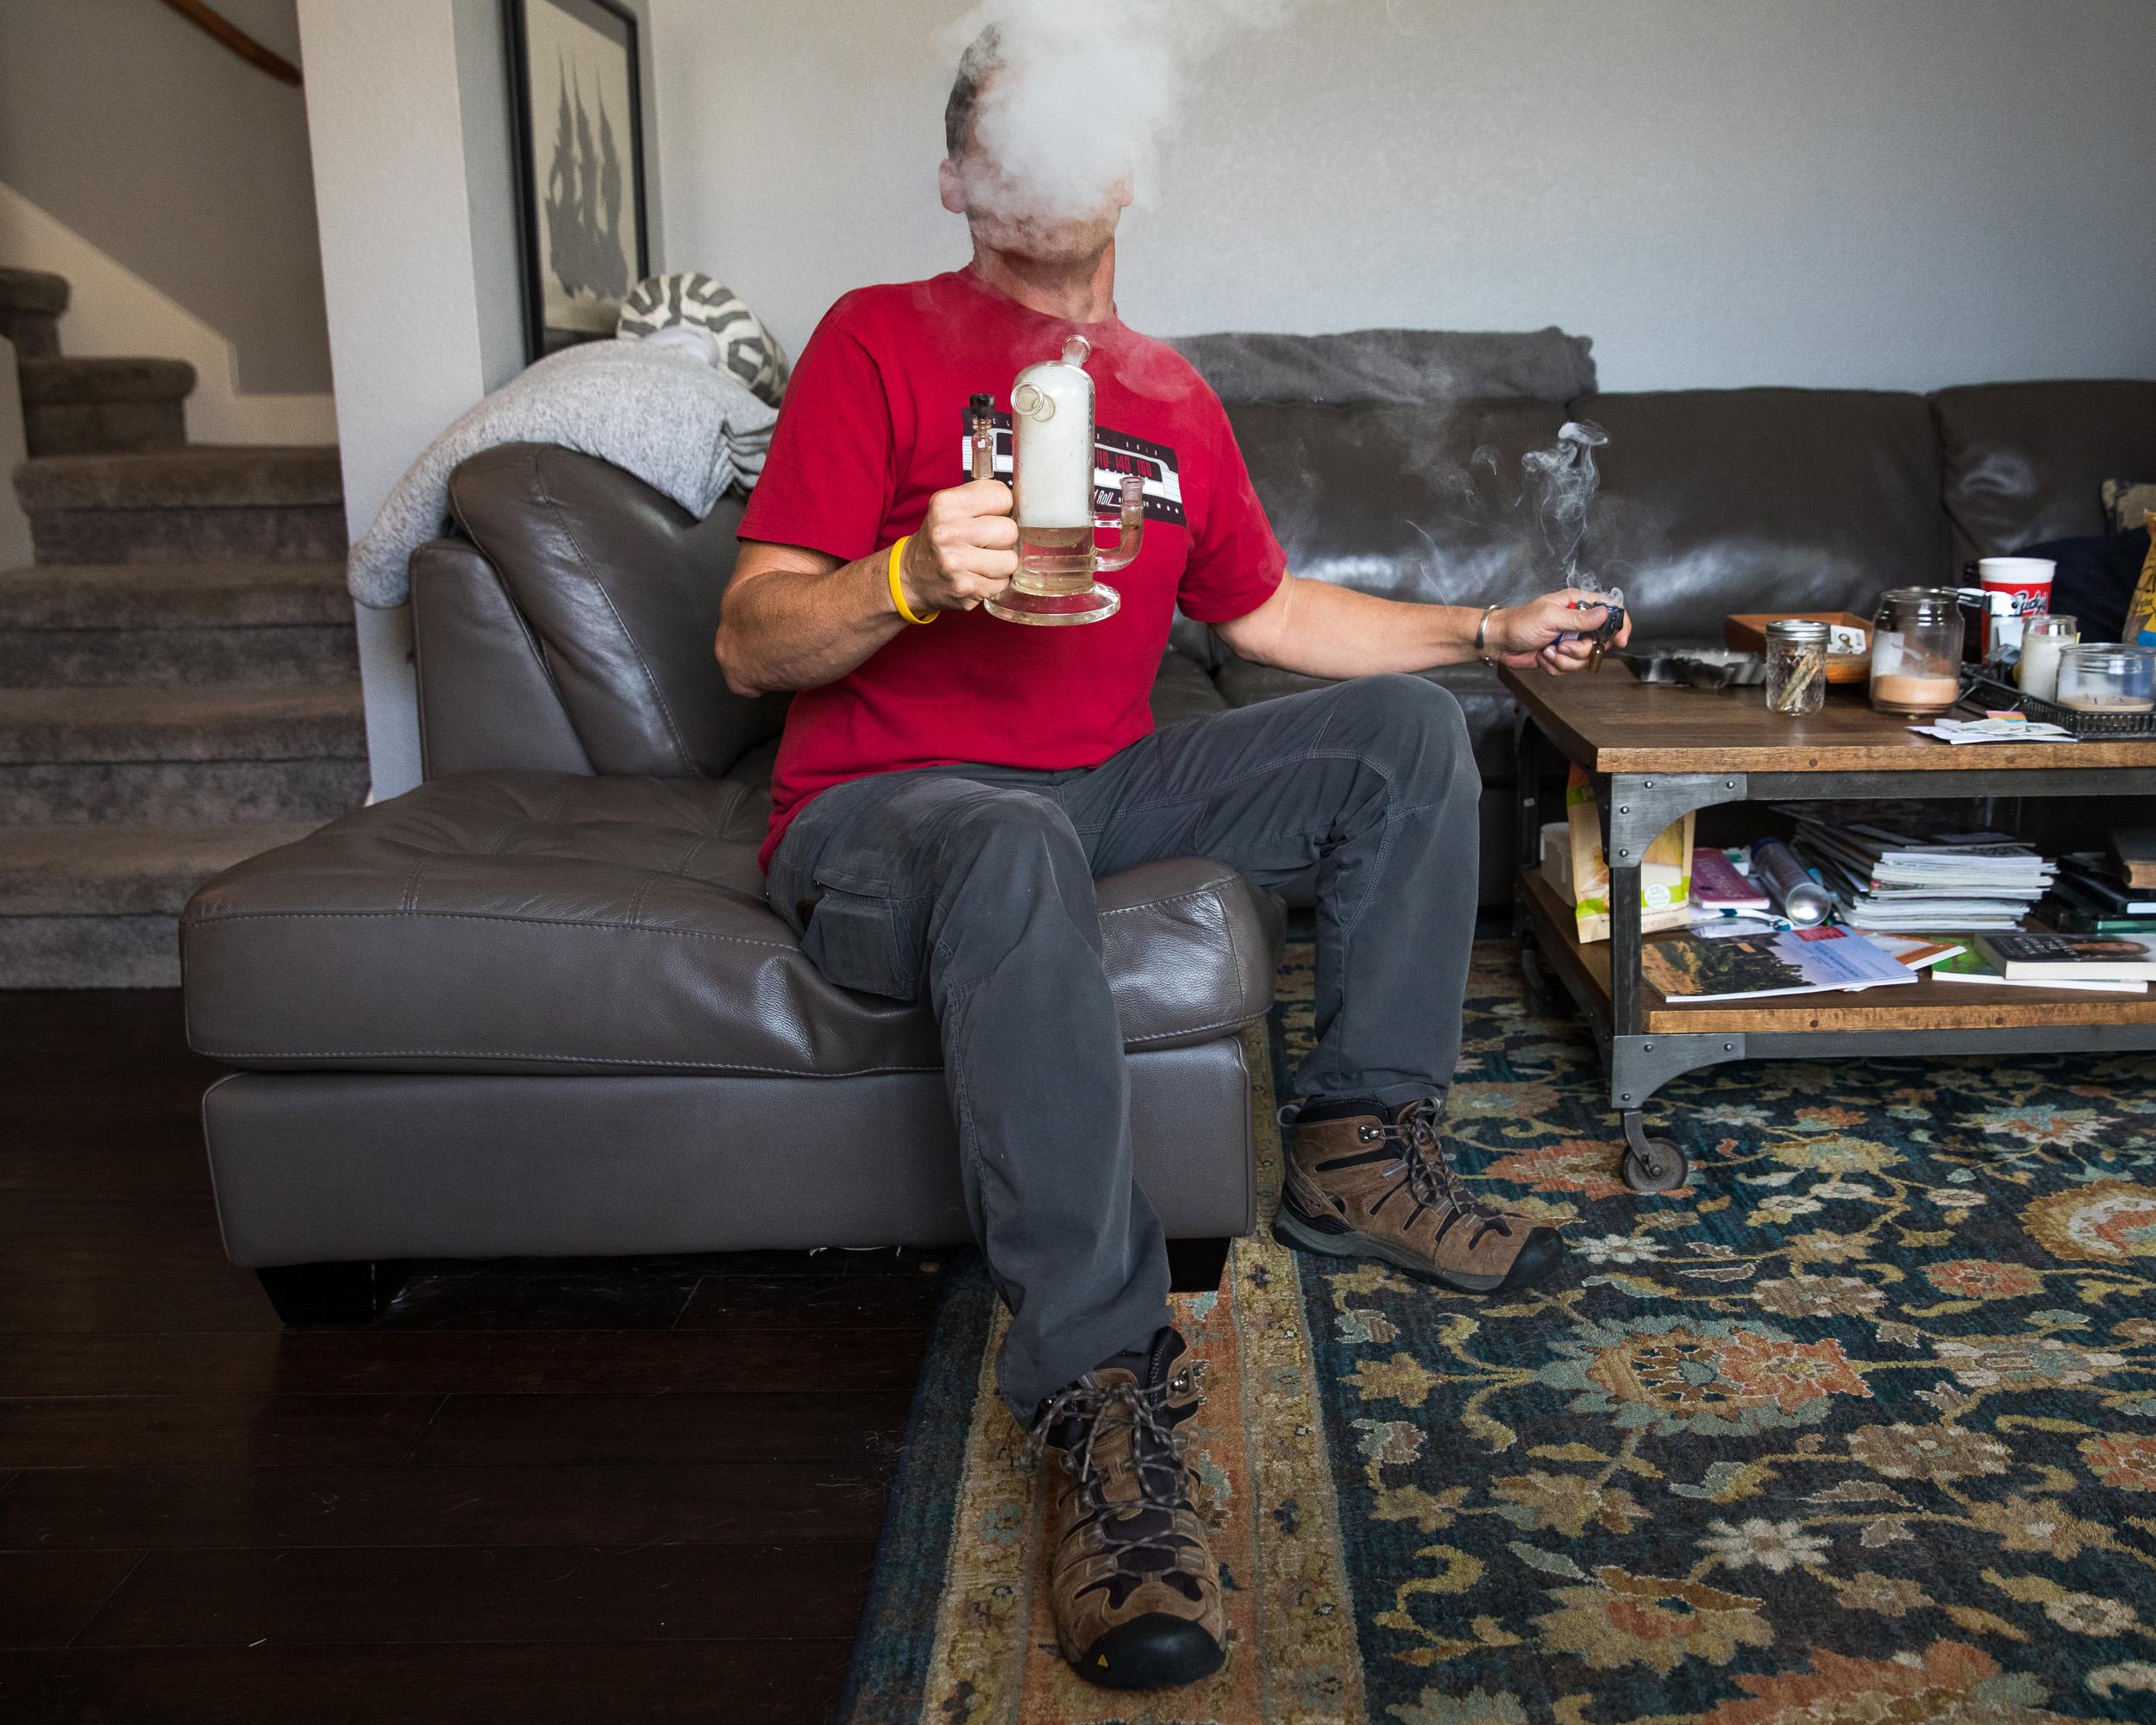 vice.com - Brendan Bures - The Underground Marijuana Doctors of Texas